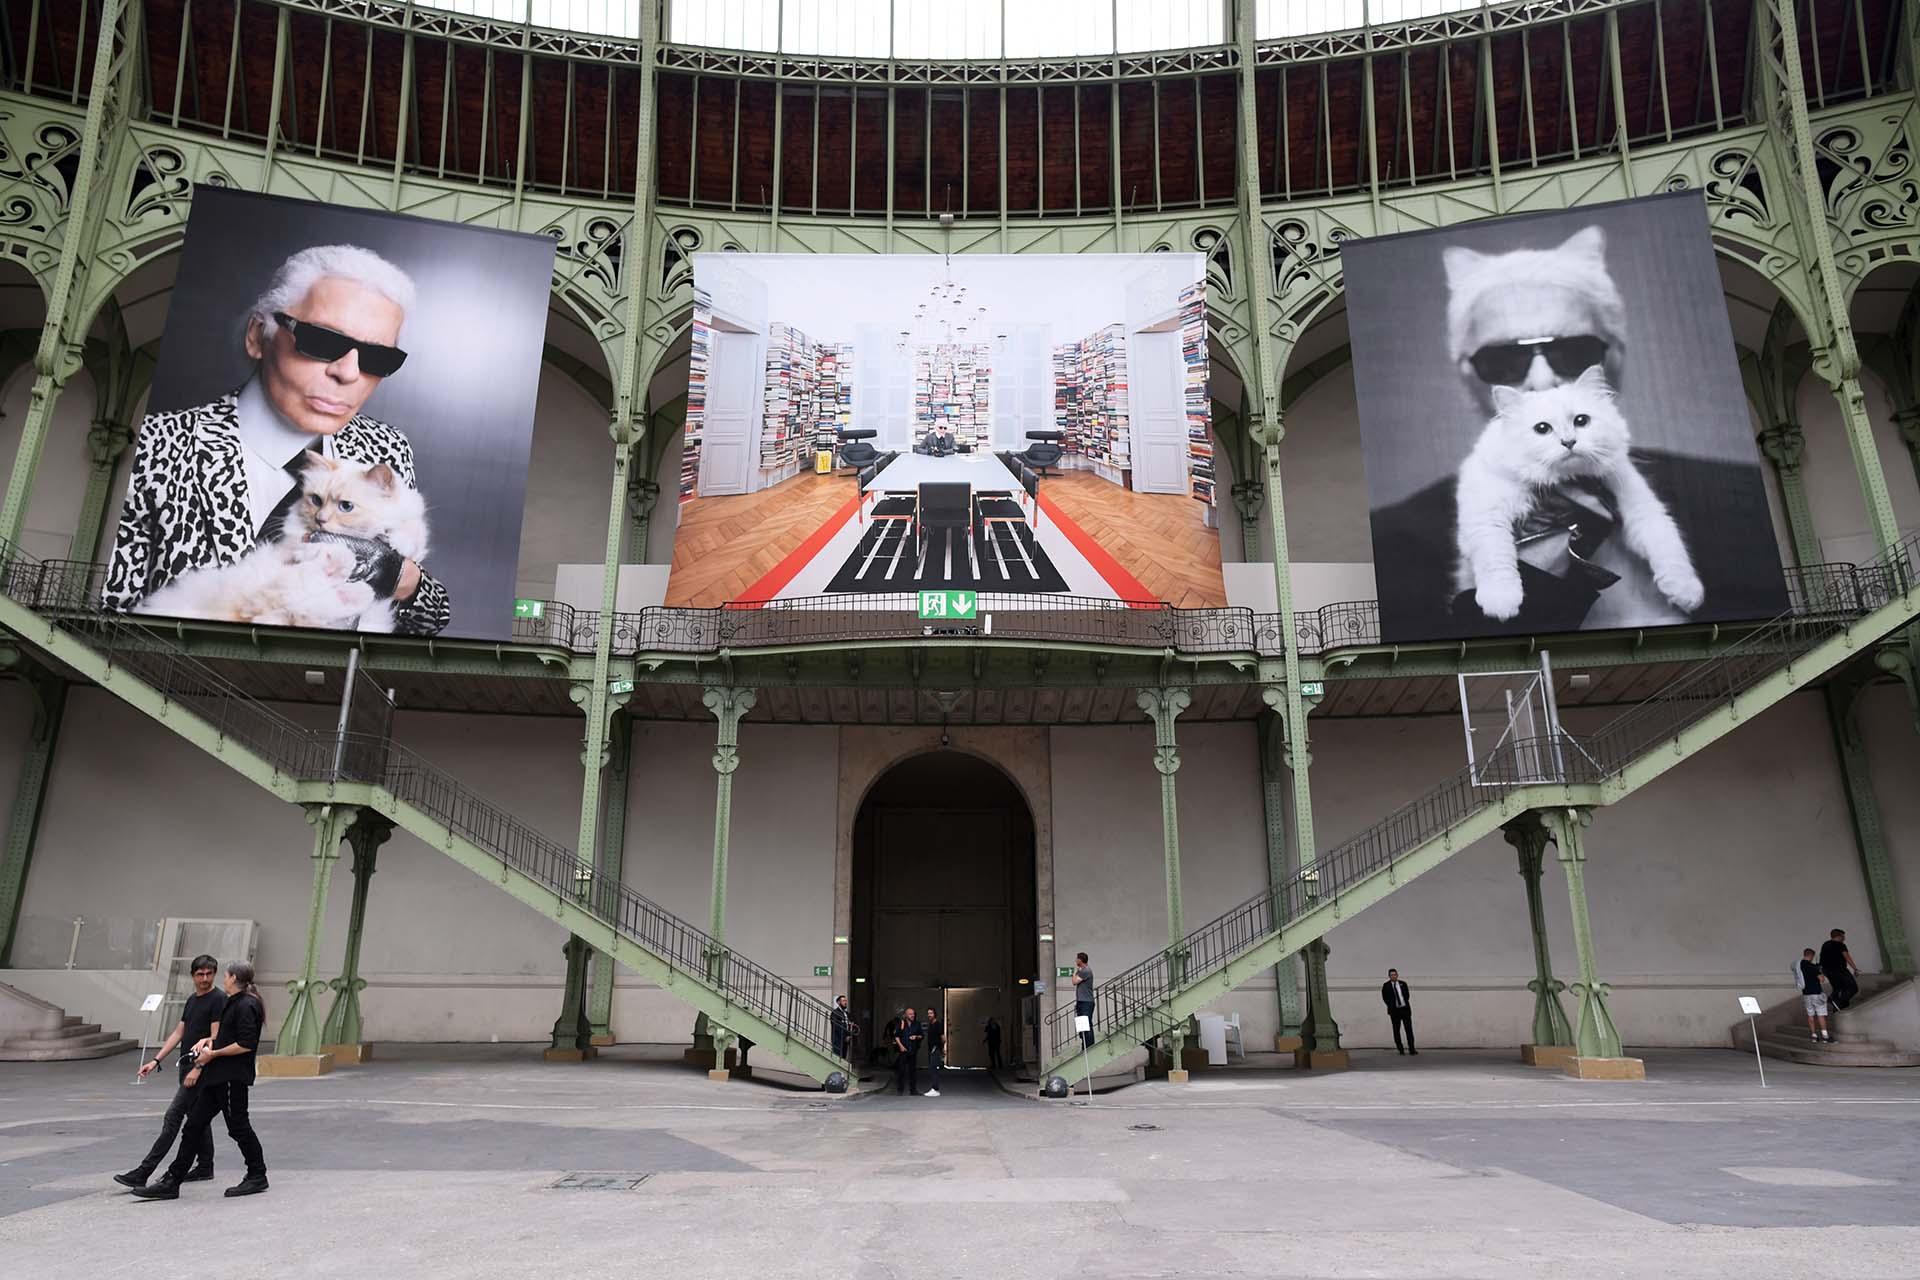 Las fotos con su gata Choupette no faltaron como decoración en el Grand Palais. Ella fue una de sus grandes compañeras de vida